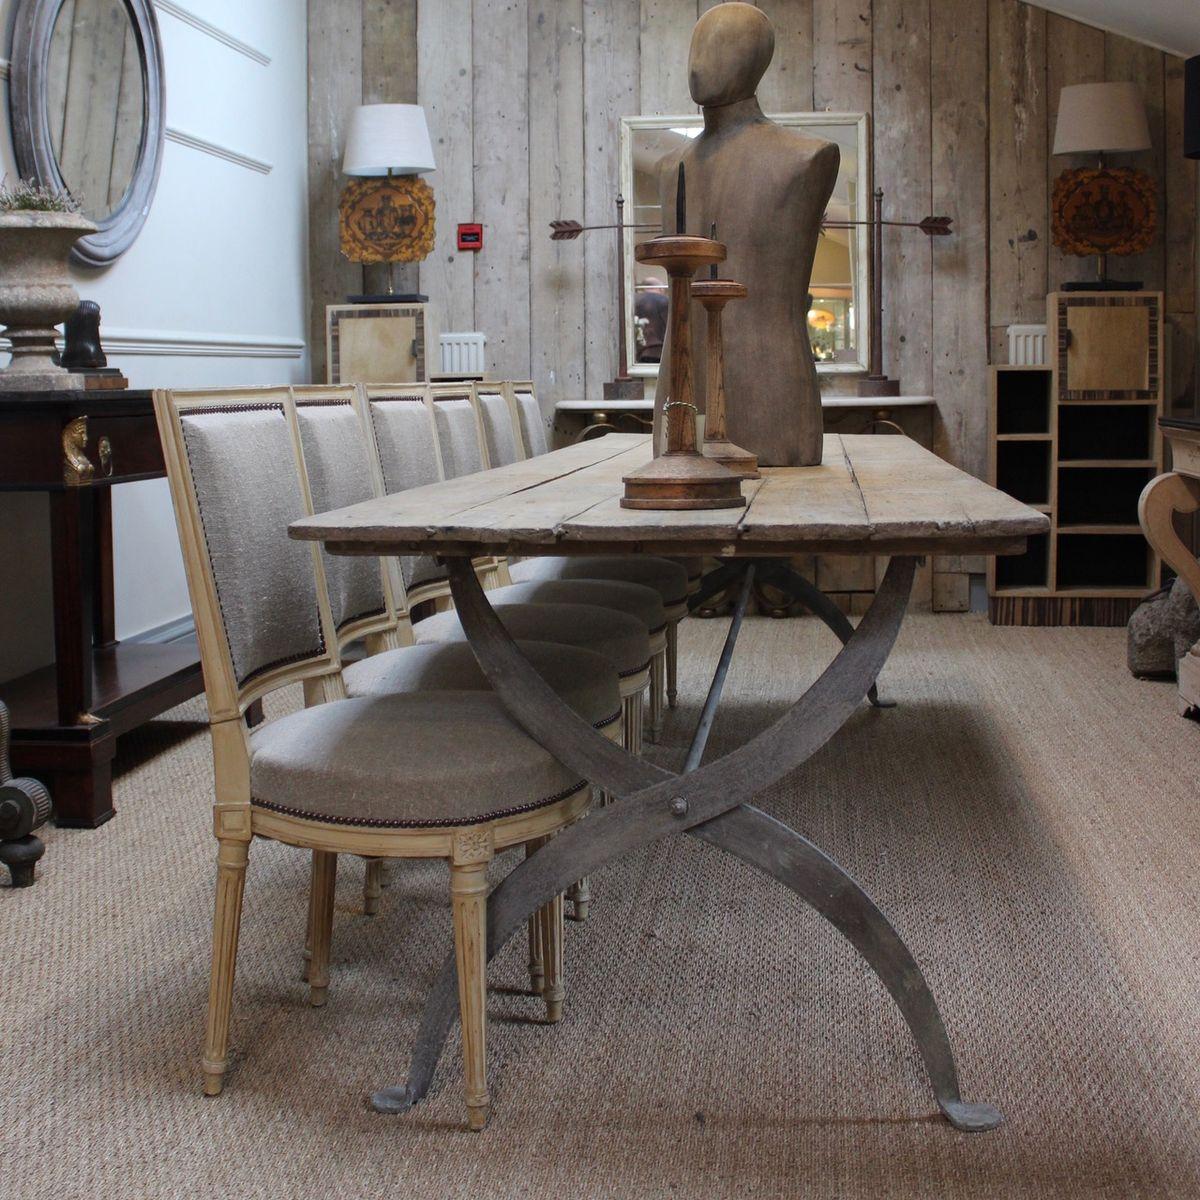 table salle a manger vintage. Black Bedroom Furniture Sets. Home Design Ideas